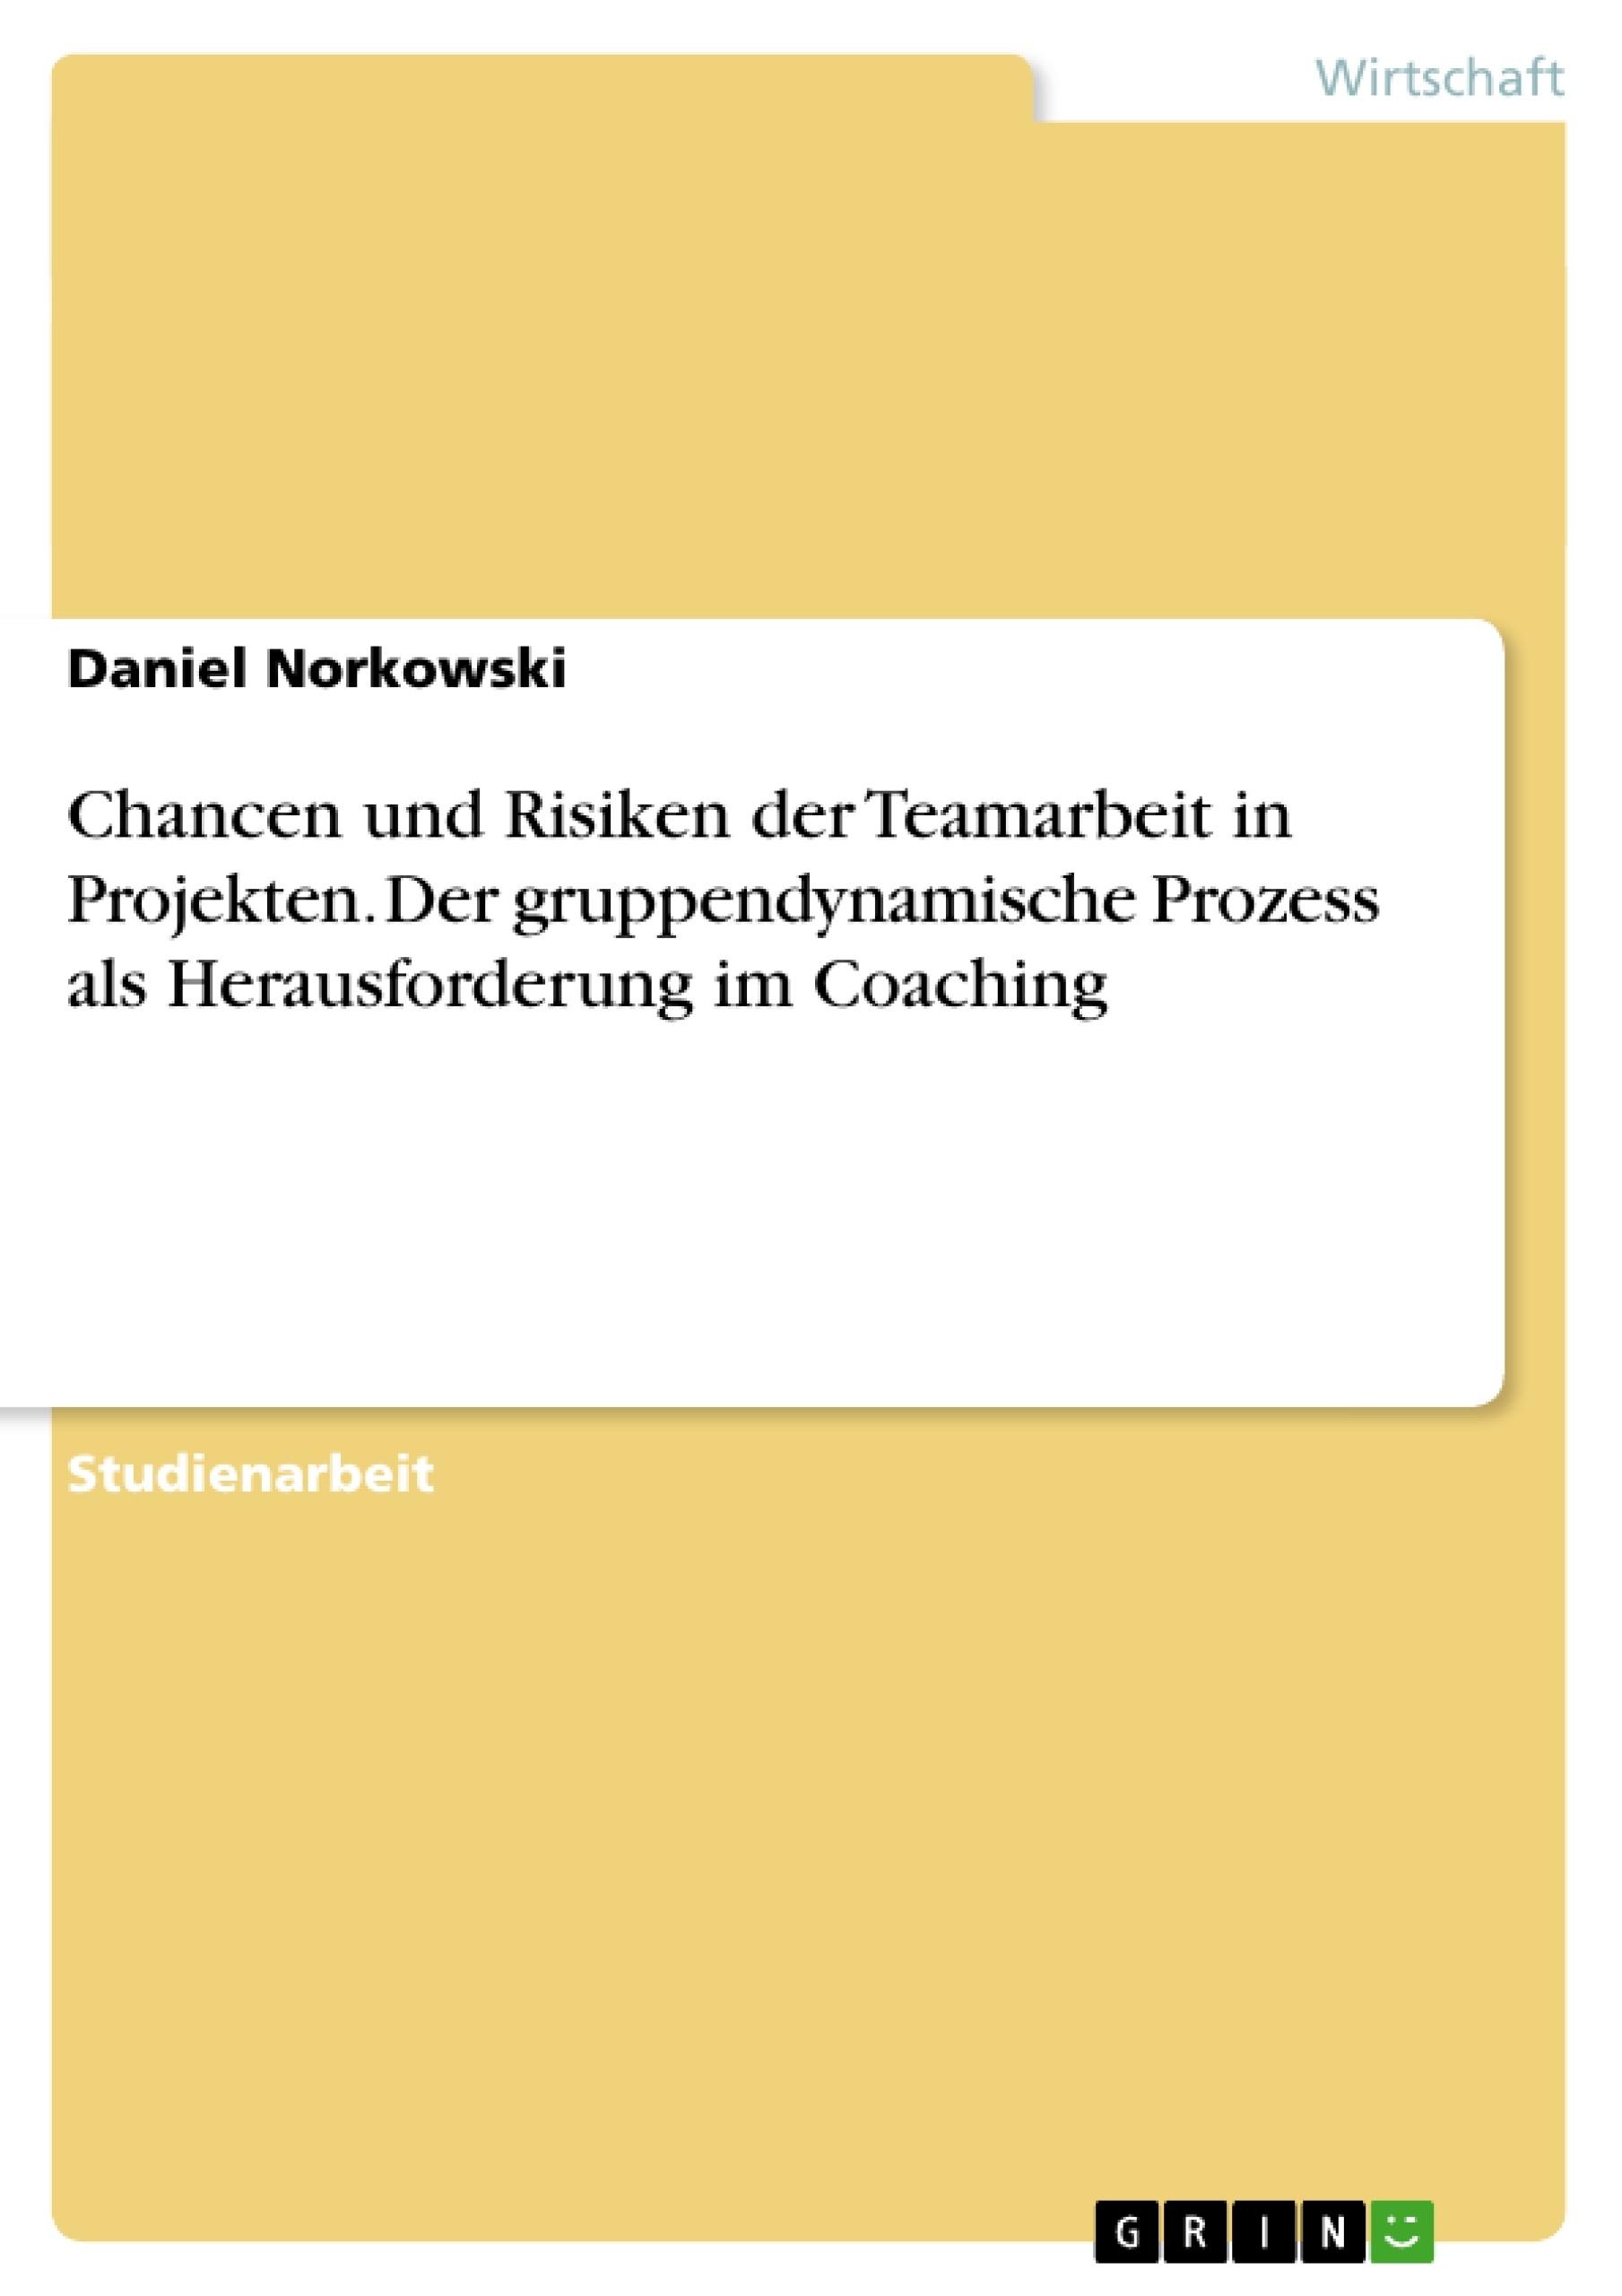 Titel: Chancen und Risiken der Teamarbeit in Projekten. Der gruppendynamische Prozess als Herausforderung im Coaching